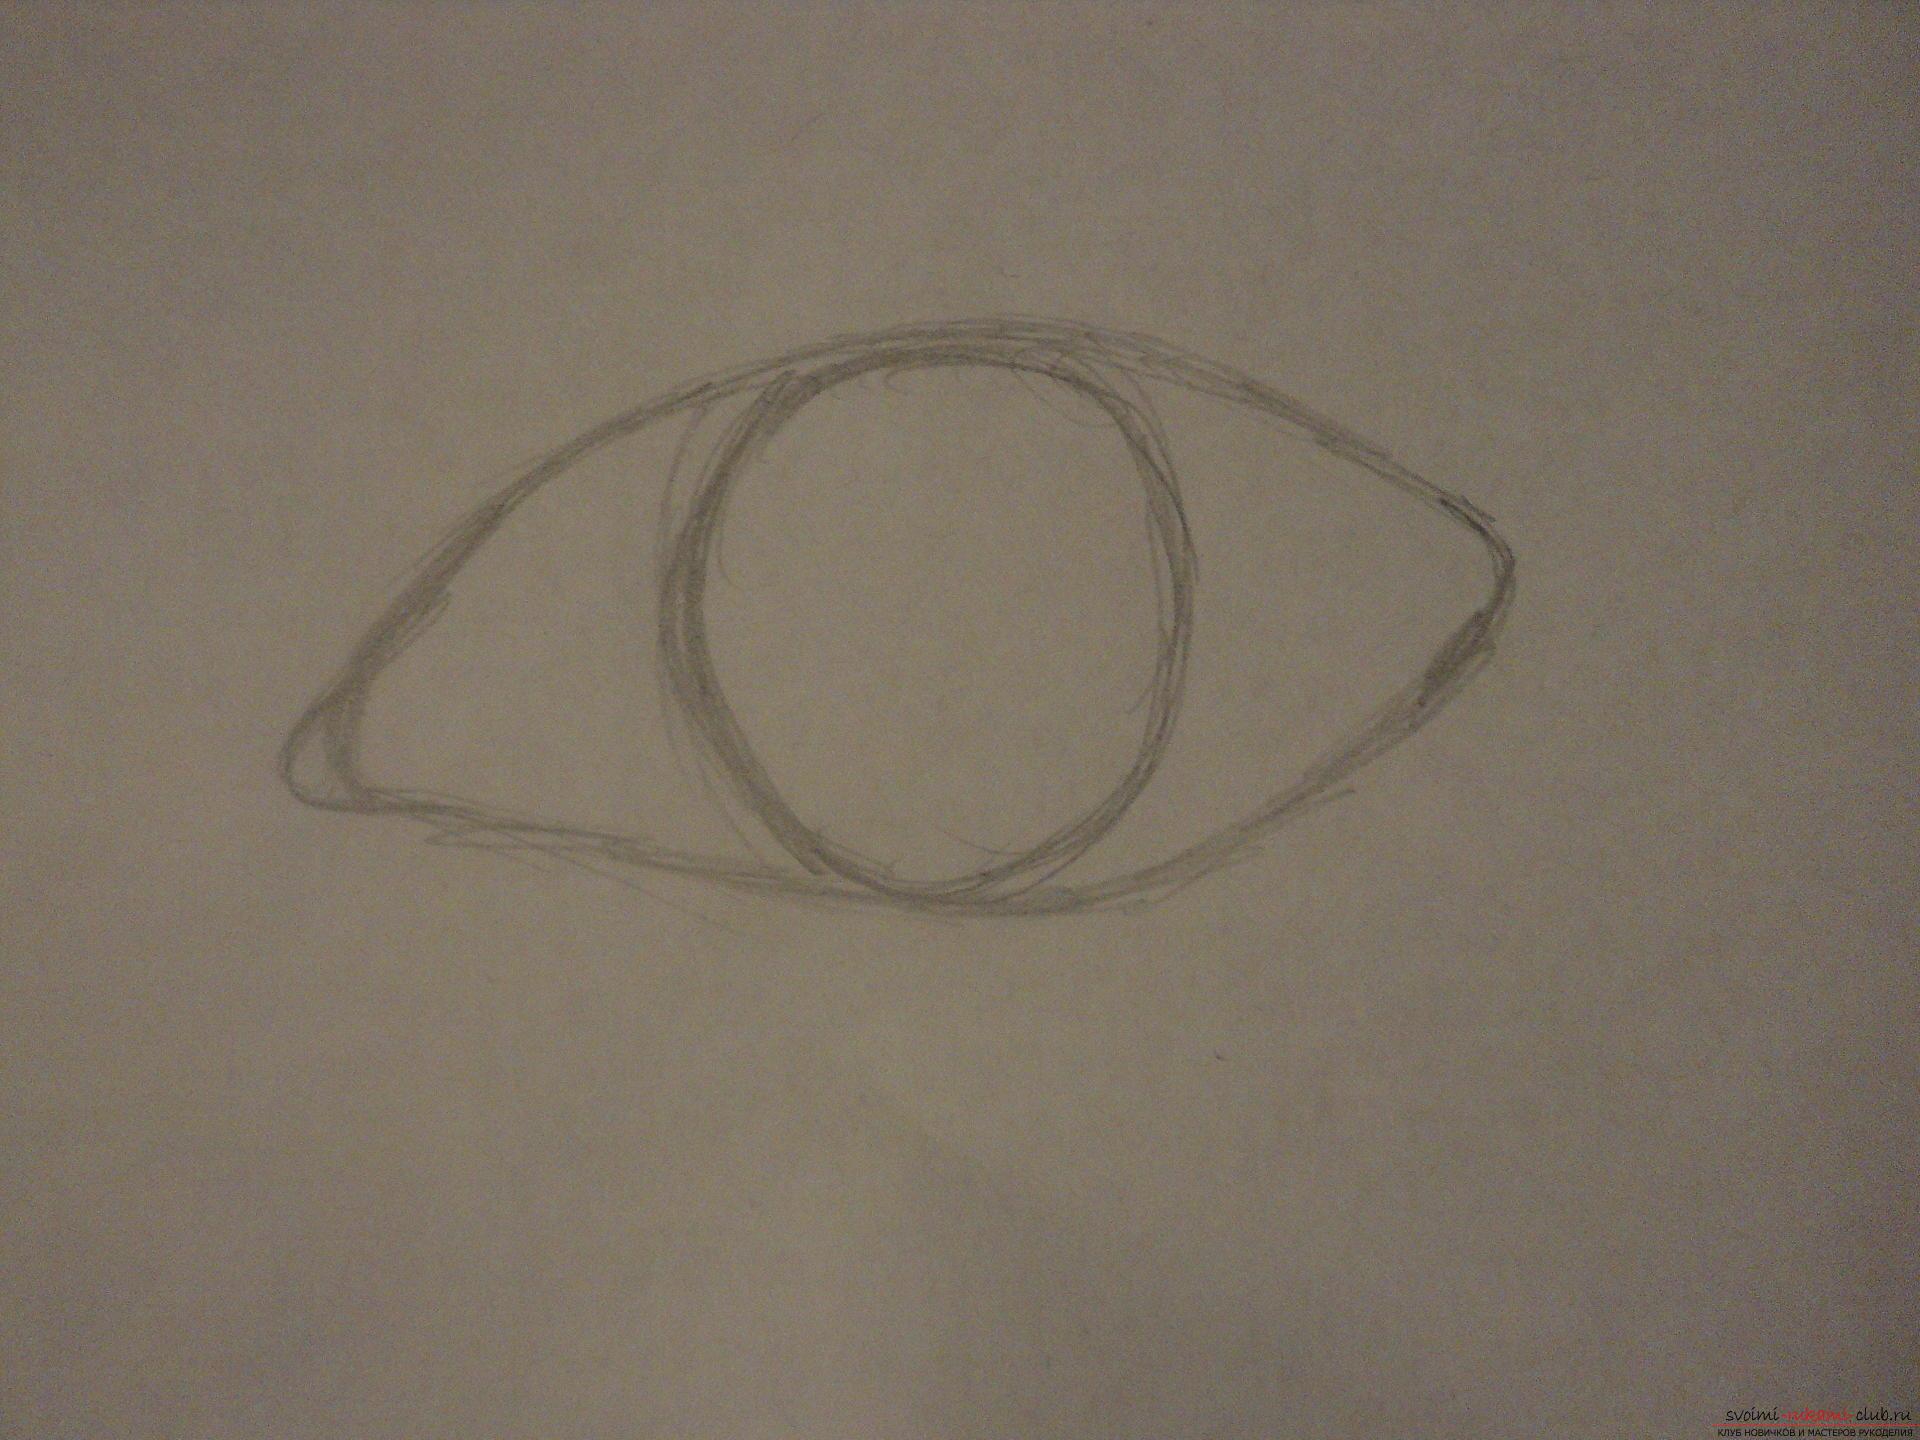 Этот подробный мастер-класс по рисованию с фото и описанием научит как поэтапно нарисовать глаза карандашом